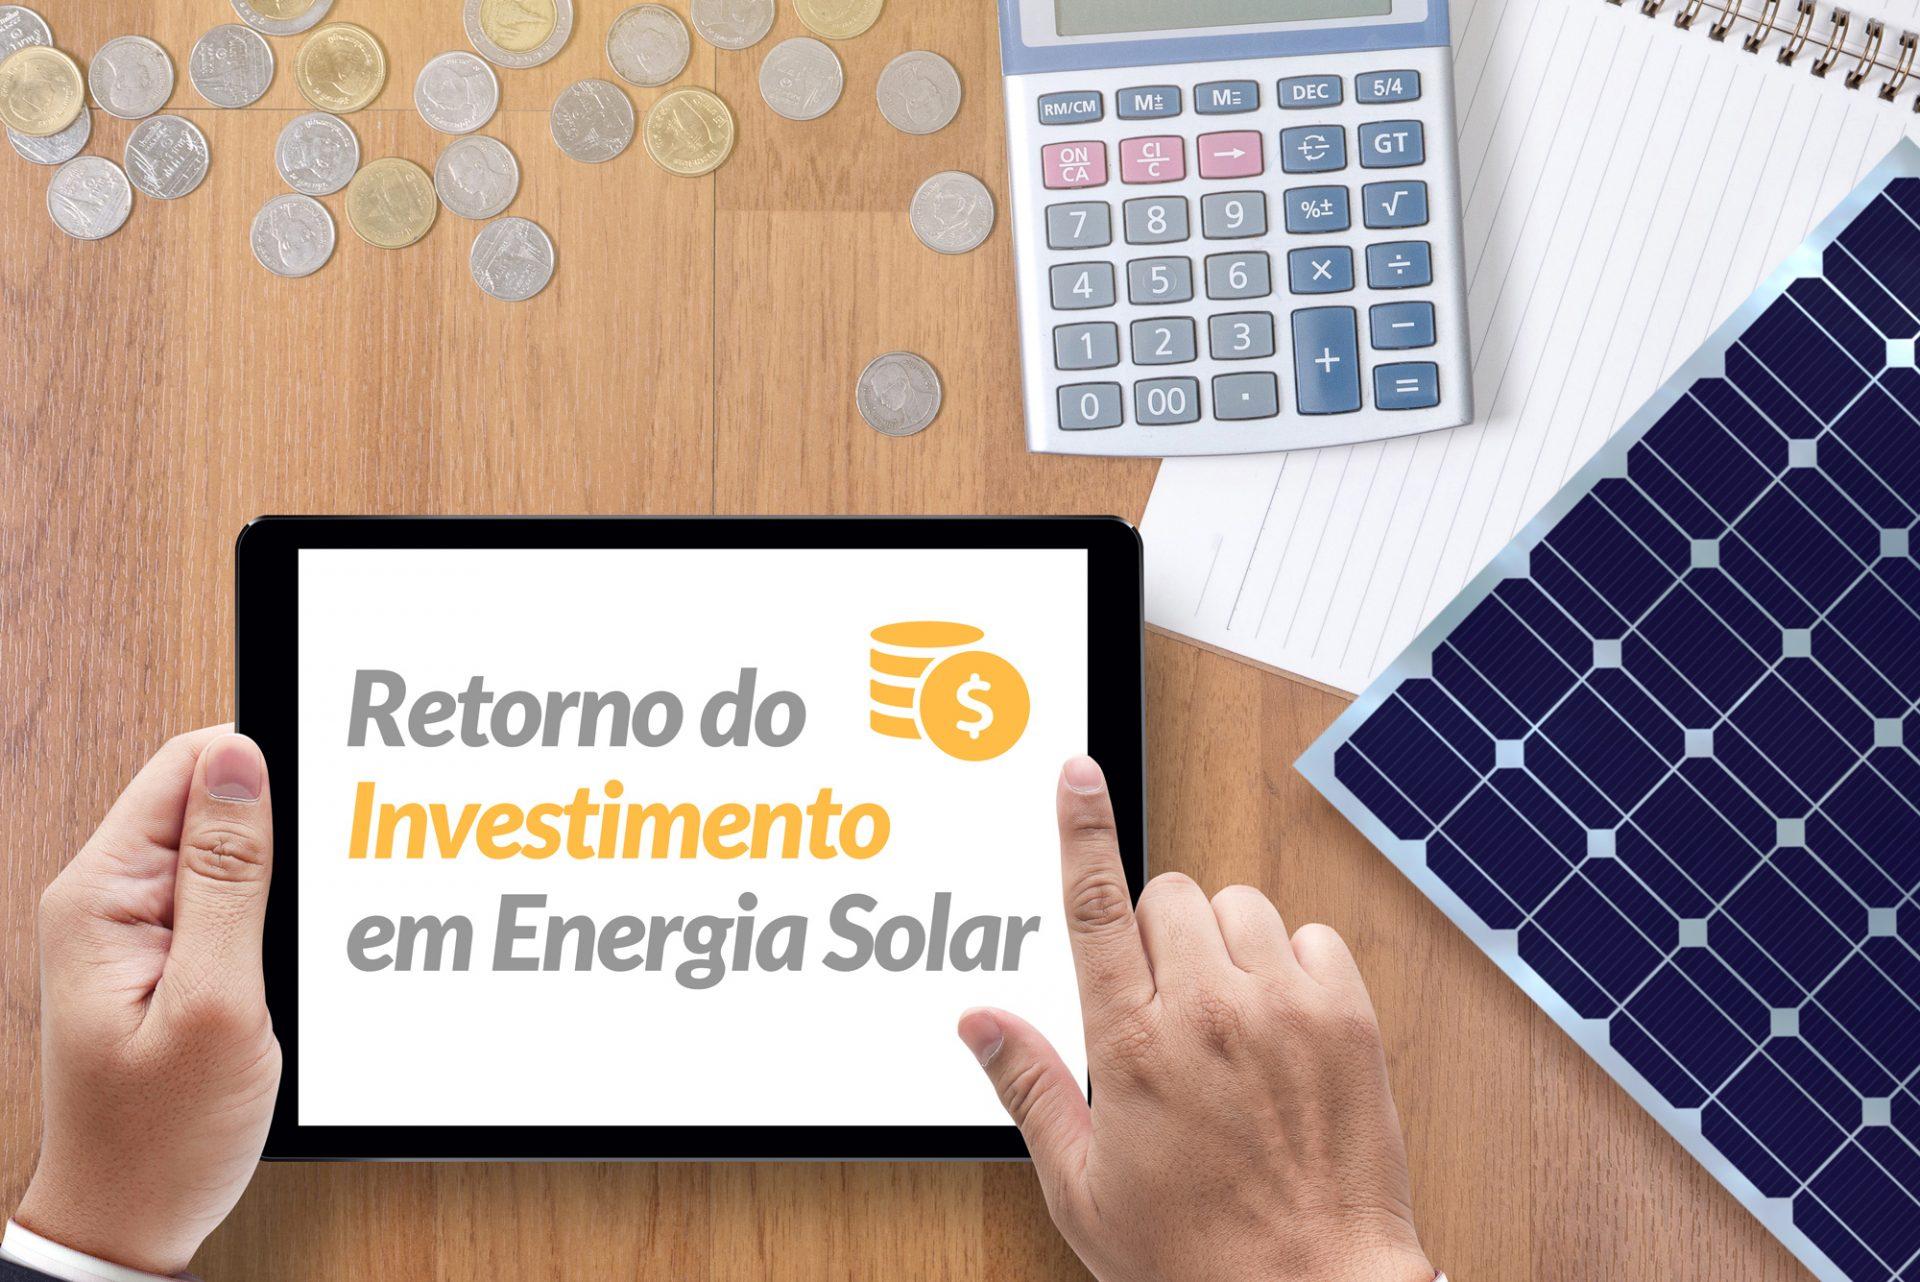 Quanto custa produzir energia solar?